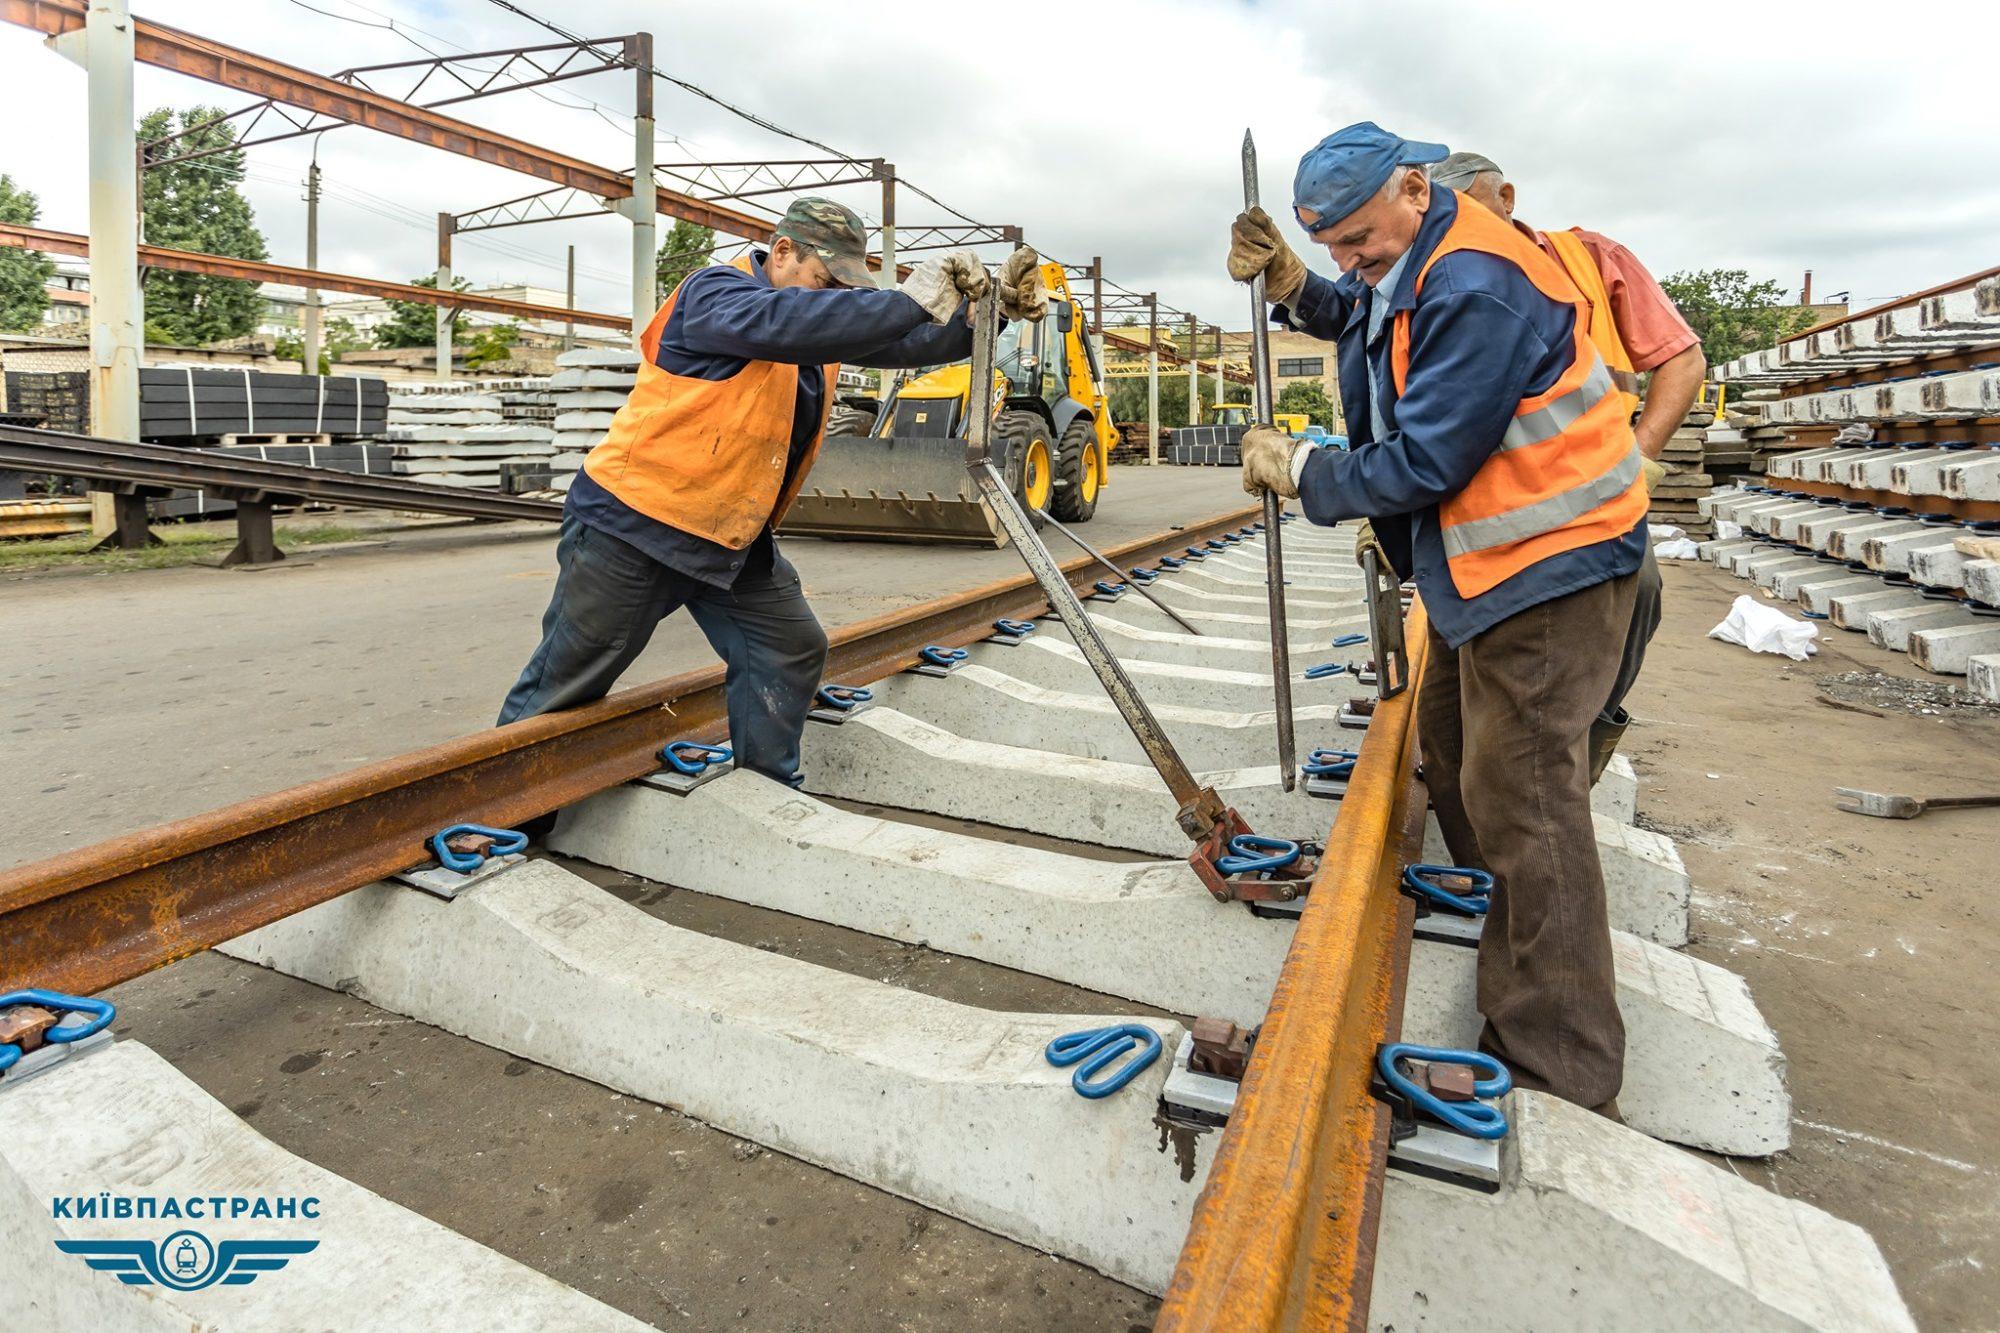 Ремонт колій: рух трамваїв скоротили на три дні -  - tramvaj 2000x1333